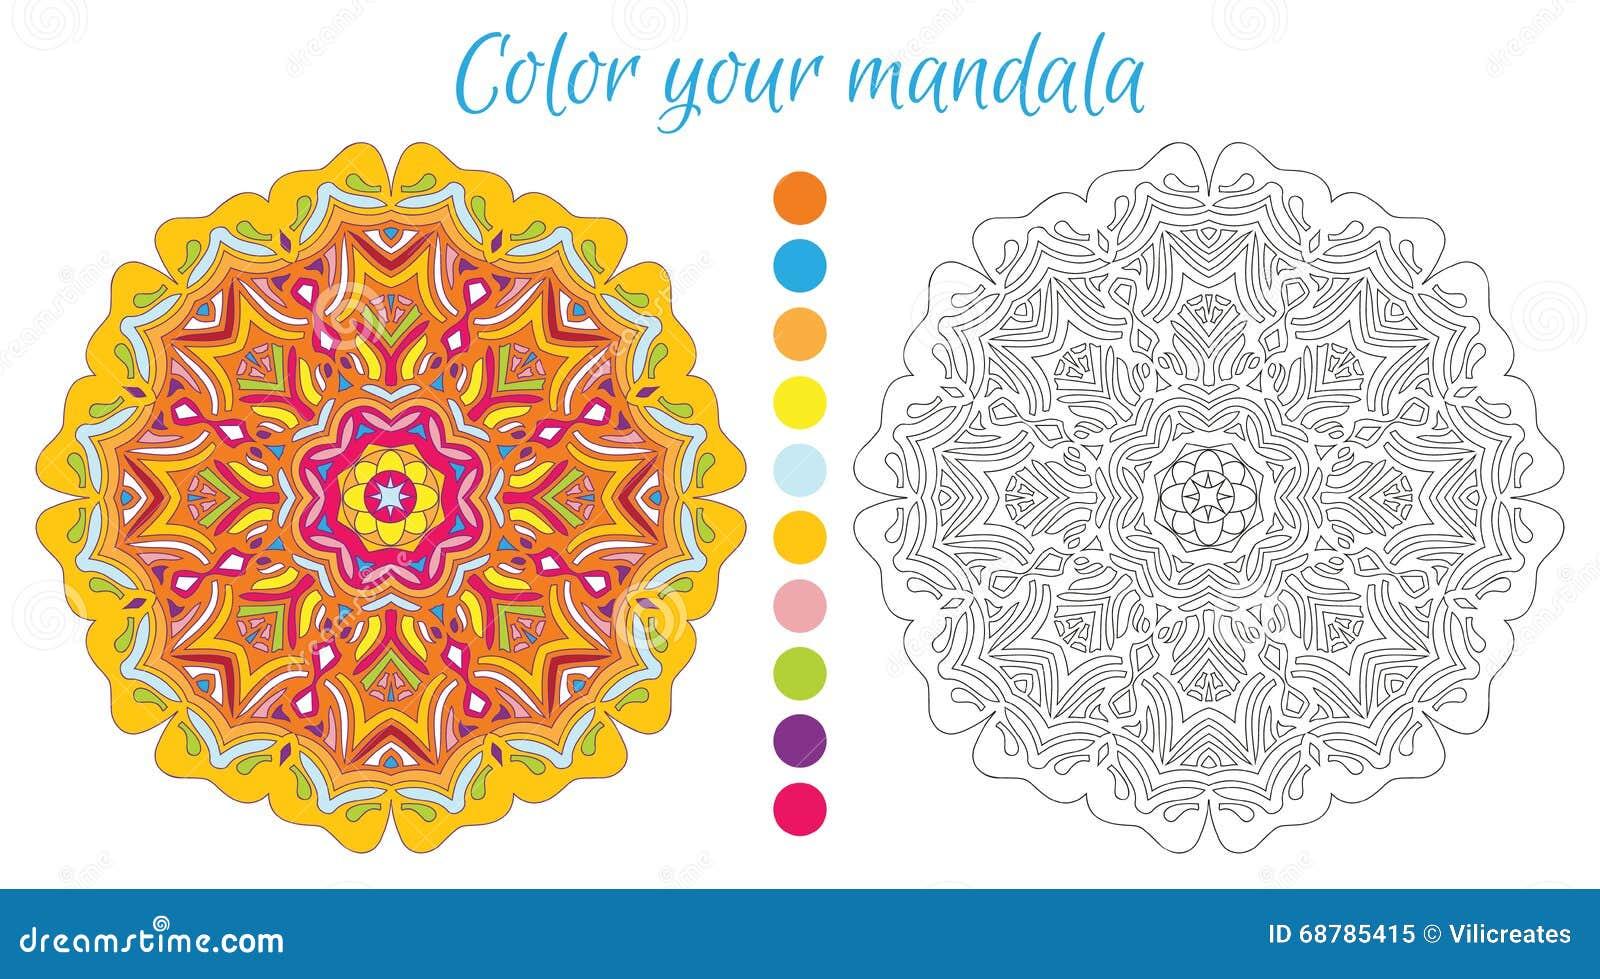 Diseño Redondo De La Mandala Para El Libro De Colorear Adulto ...